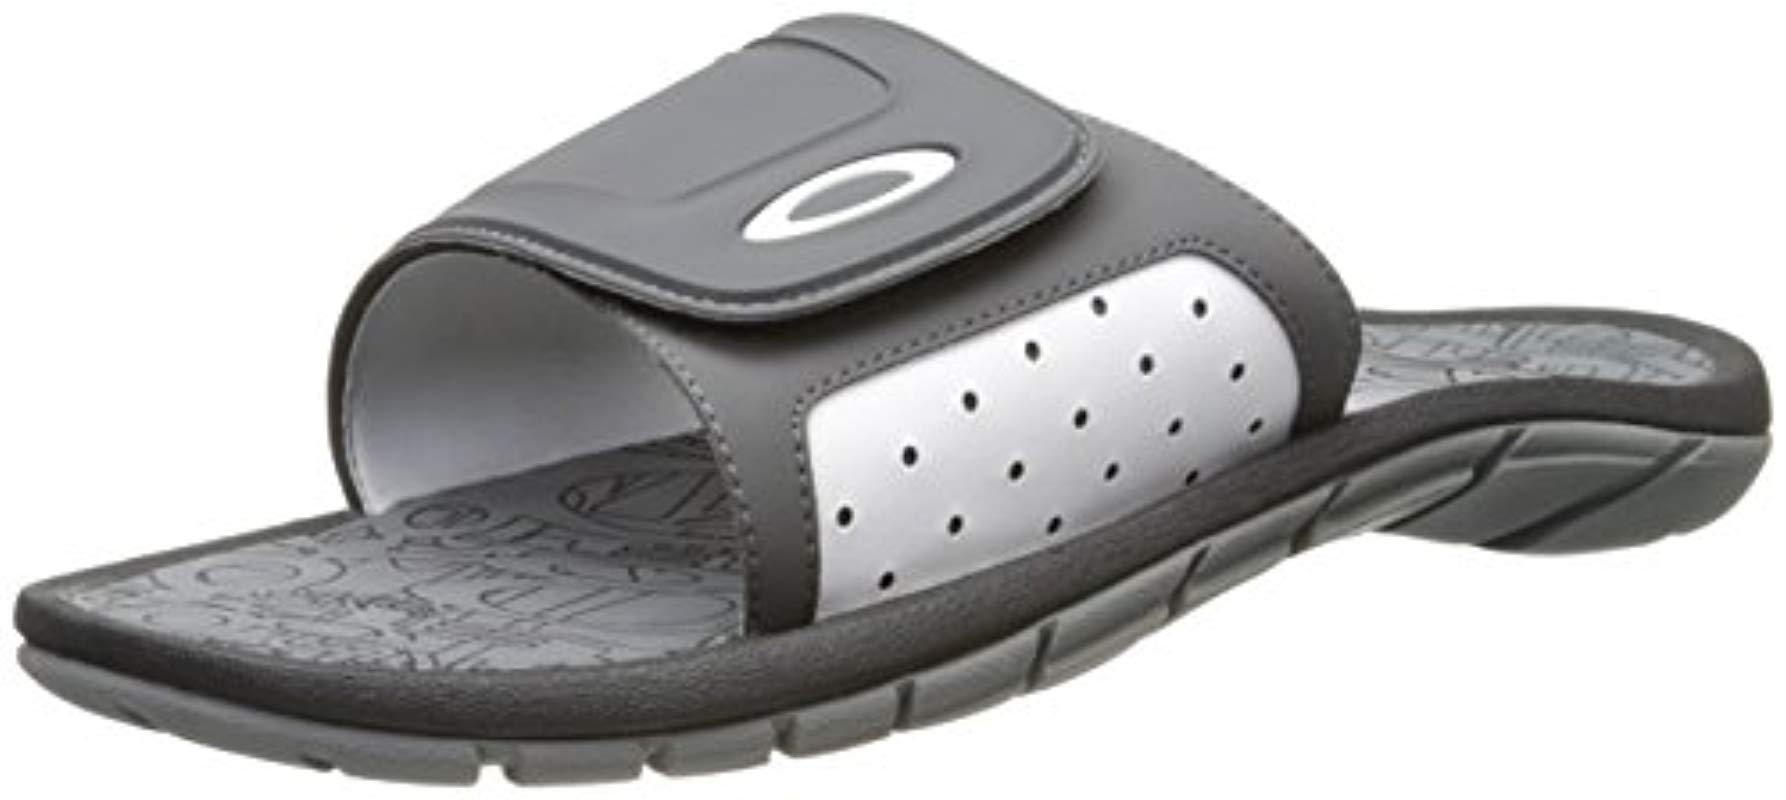 61eeaace9fe5 Lyst - Oakley Supercoil Slide Sandal in Gray for Men